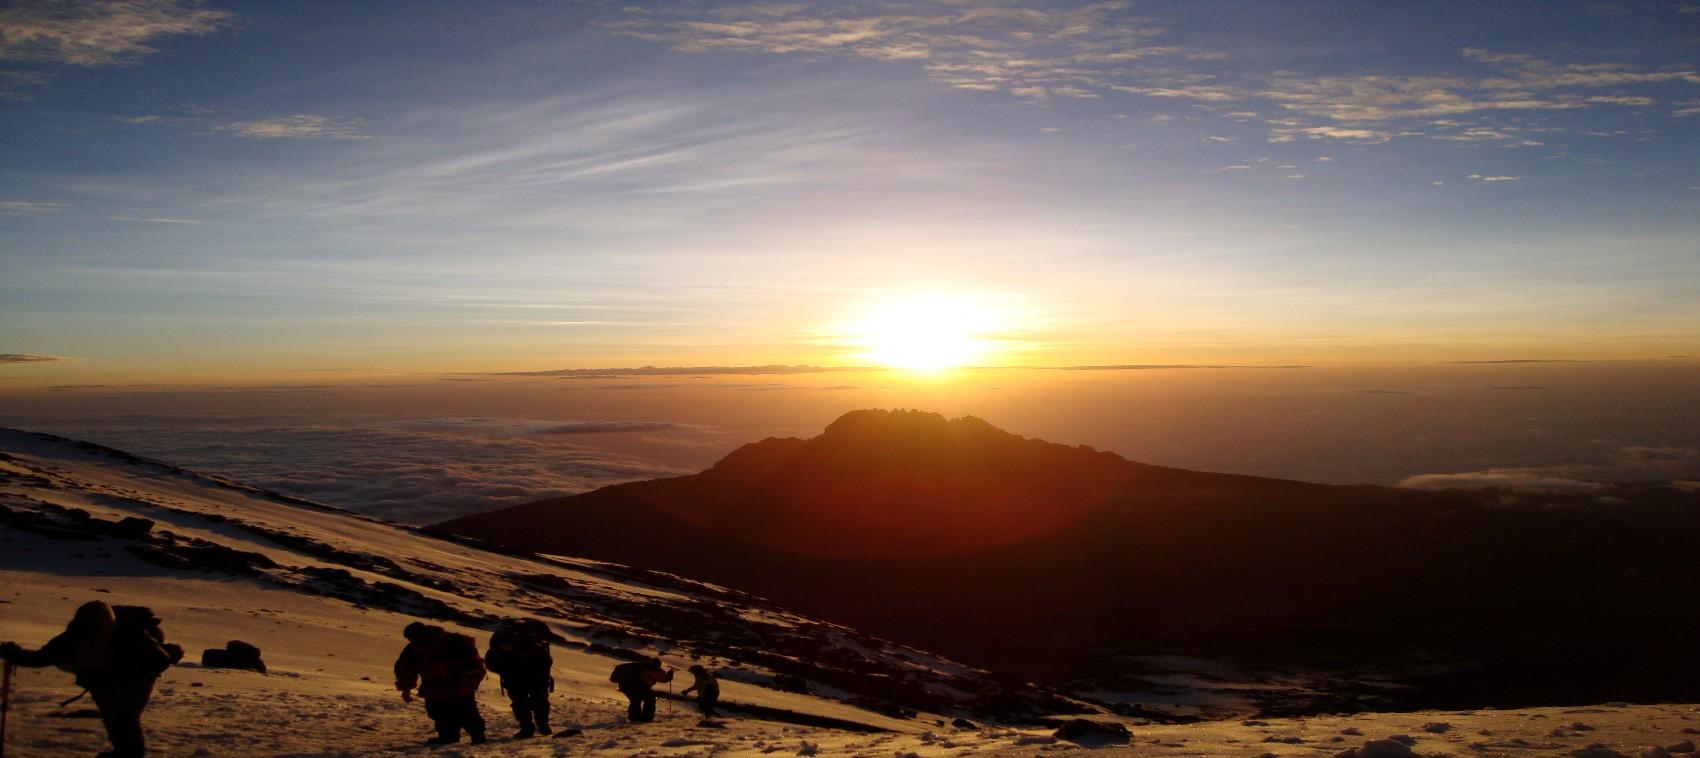 Kilimanjaro Challenge - 2022